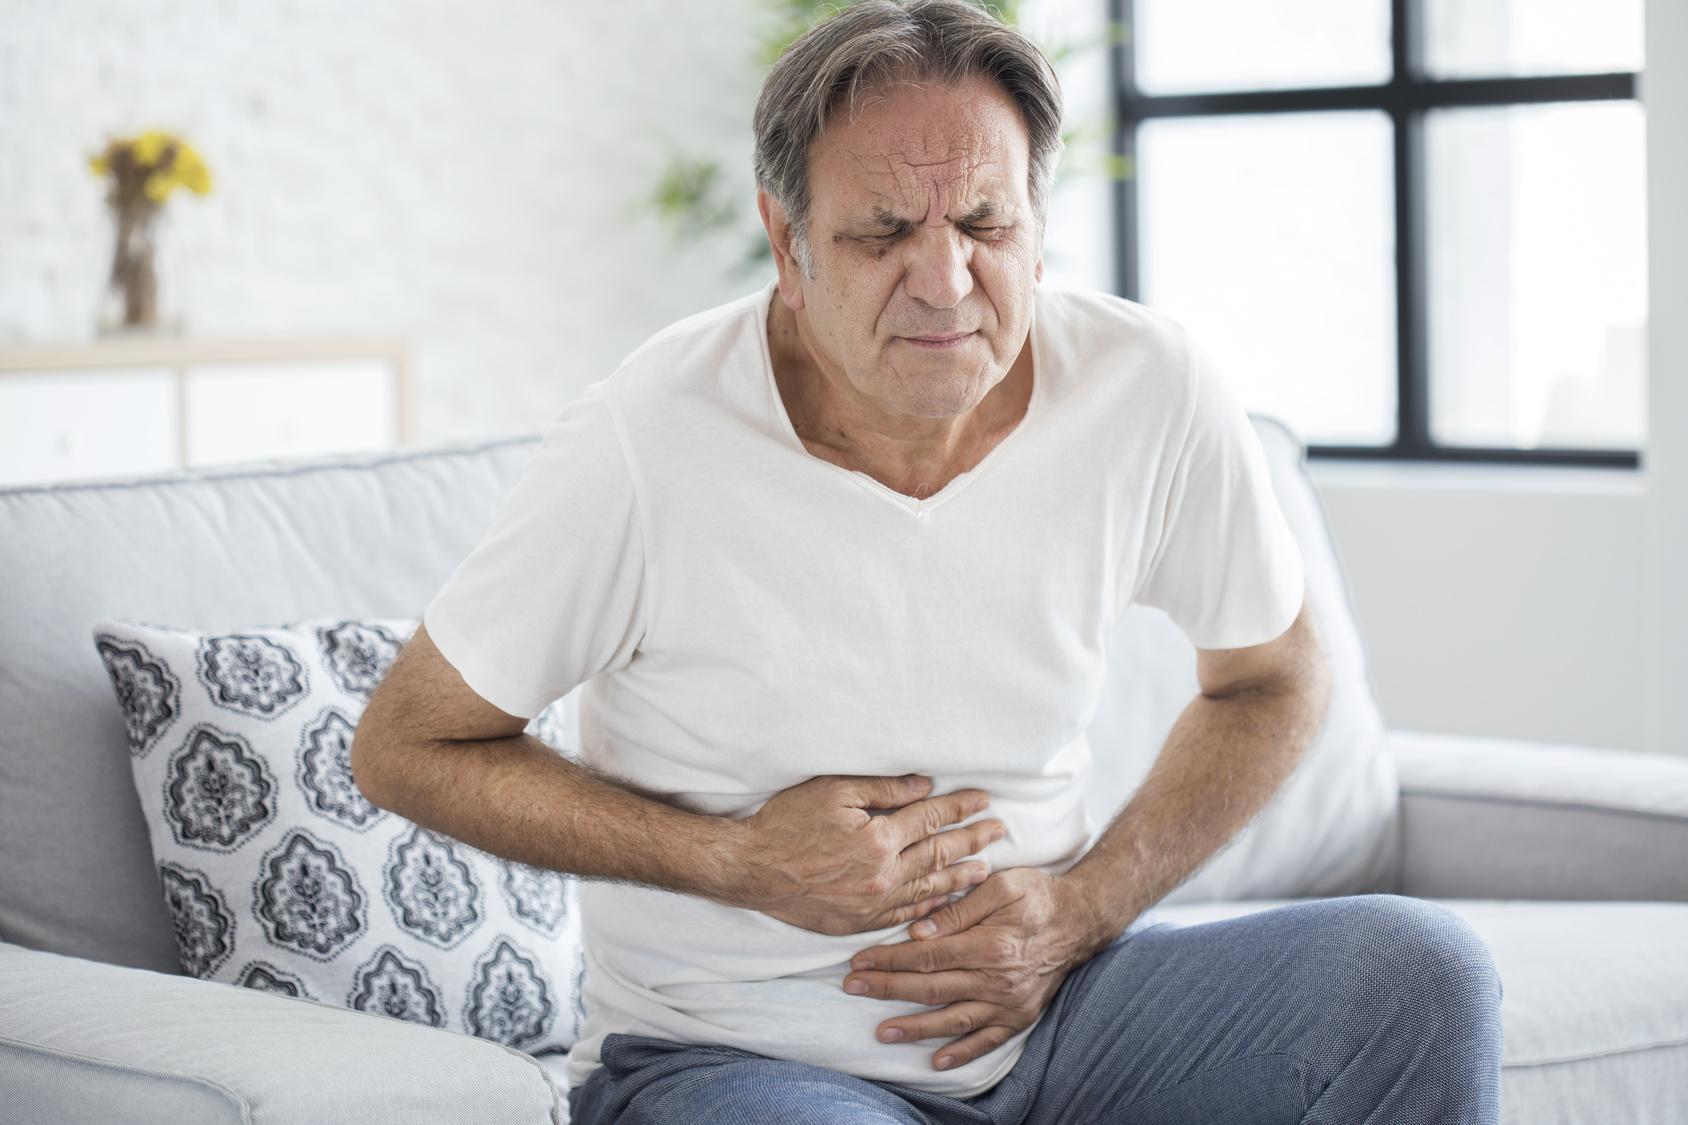 câncer de estômago, estômago, dores, gastrenterologista, prescrita